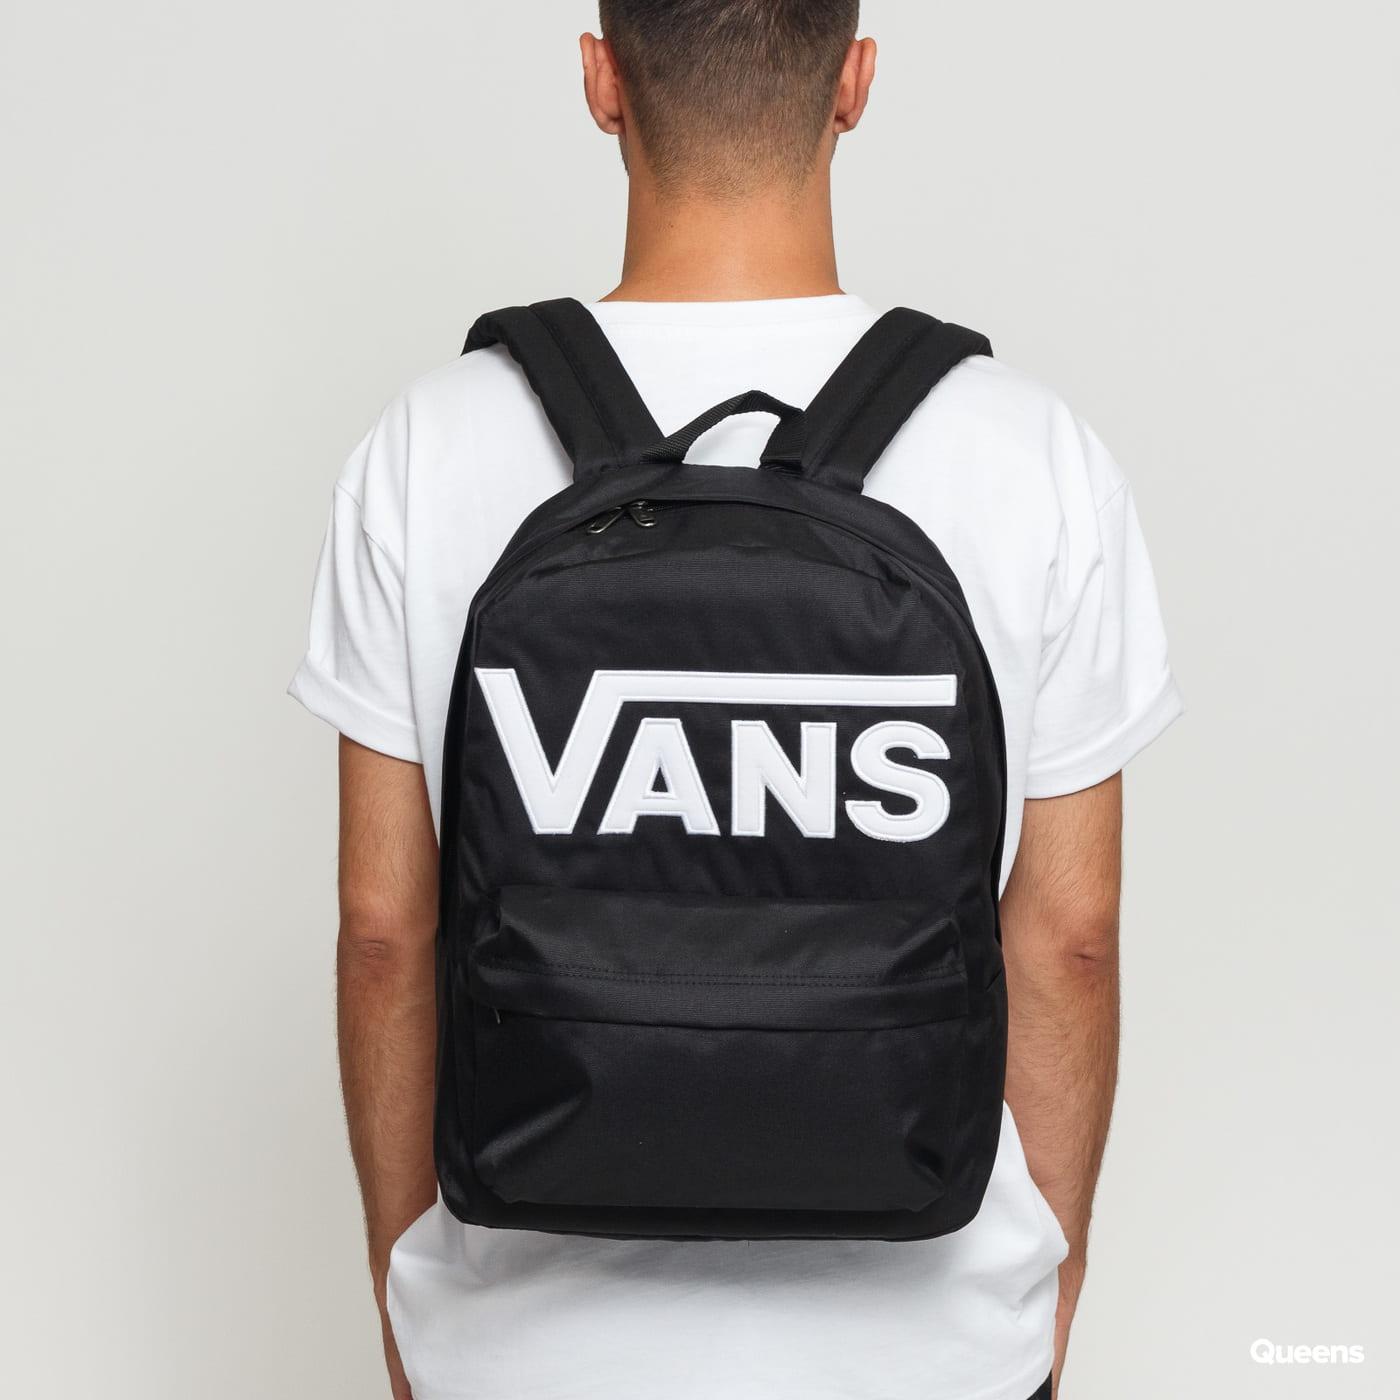 Vans Old Skool III black / white